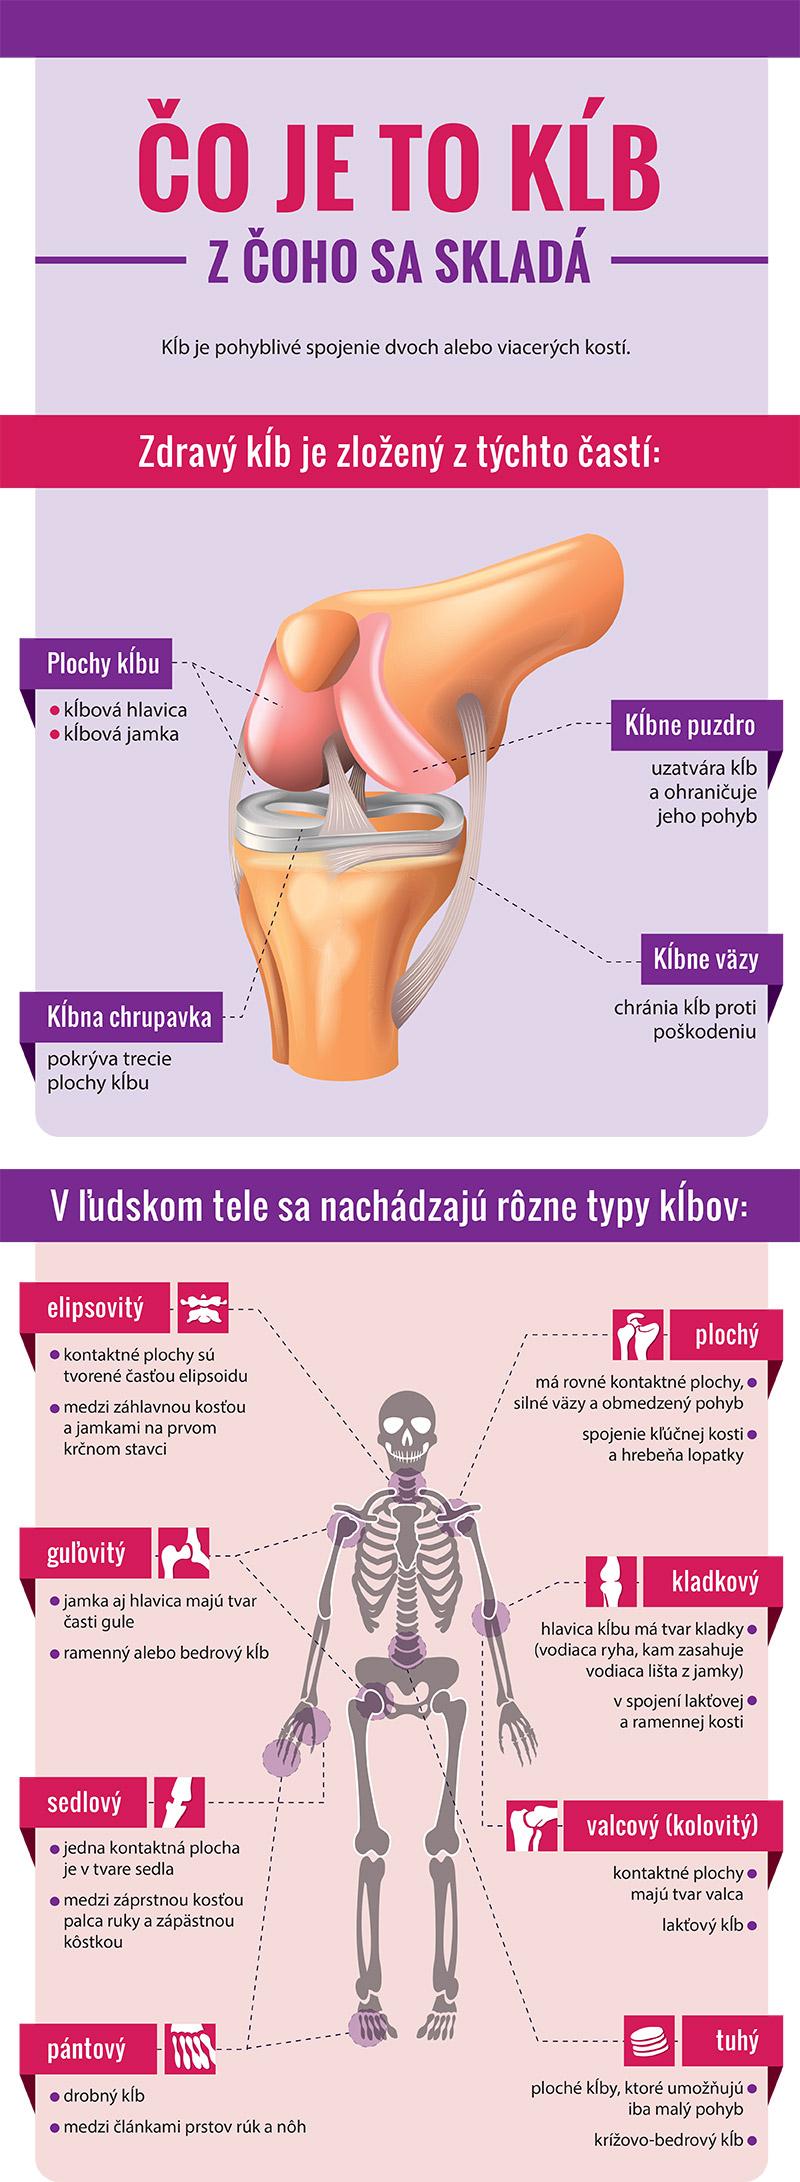 InfografiukaHyalfitKLB